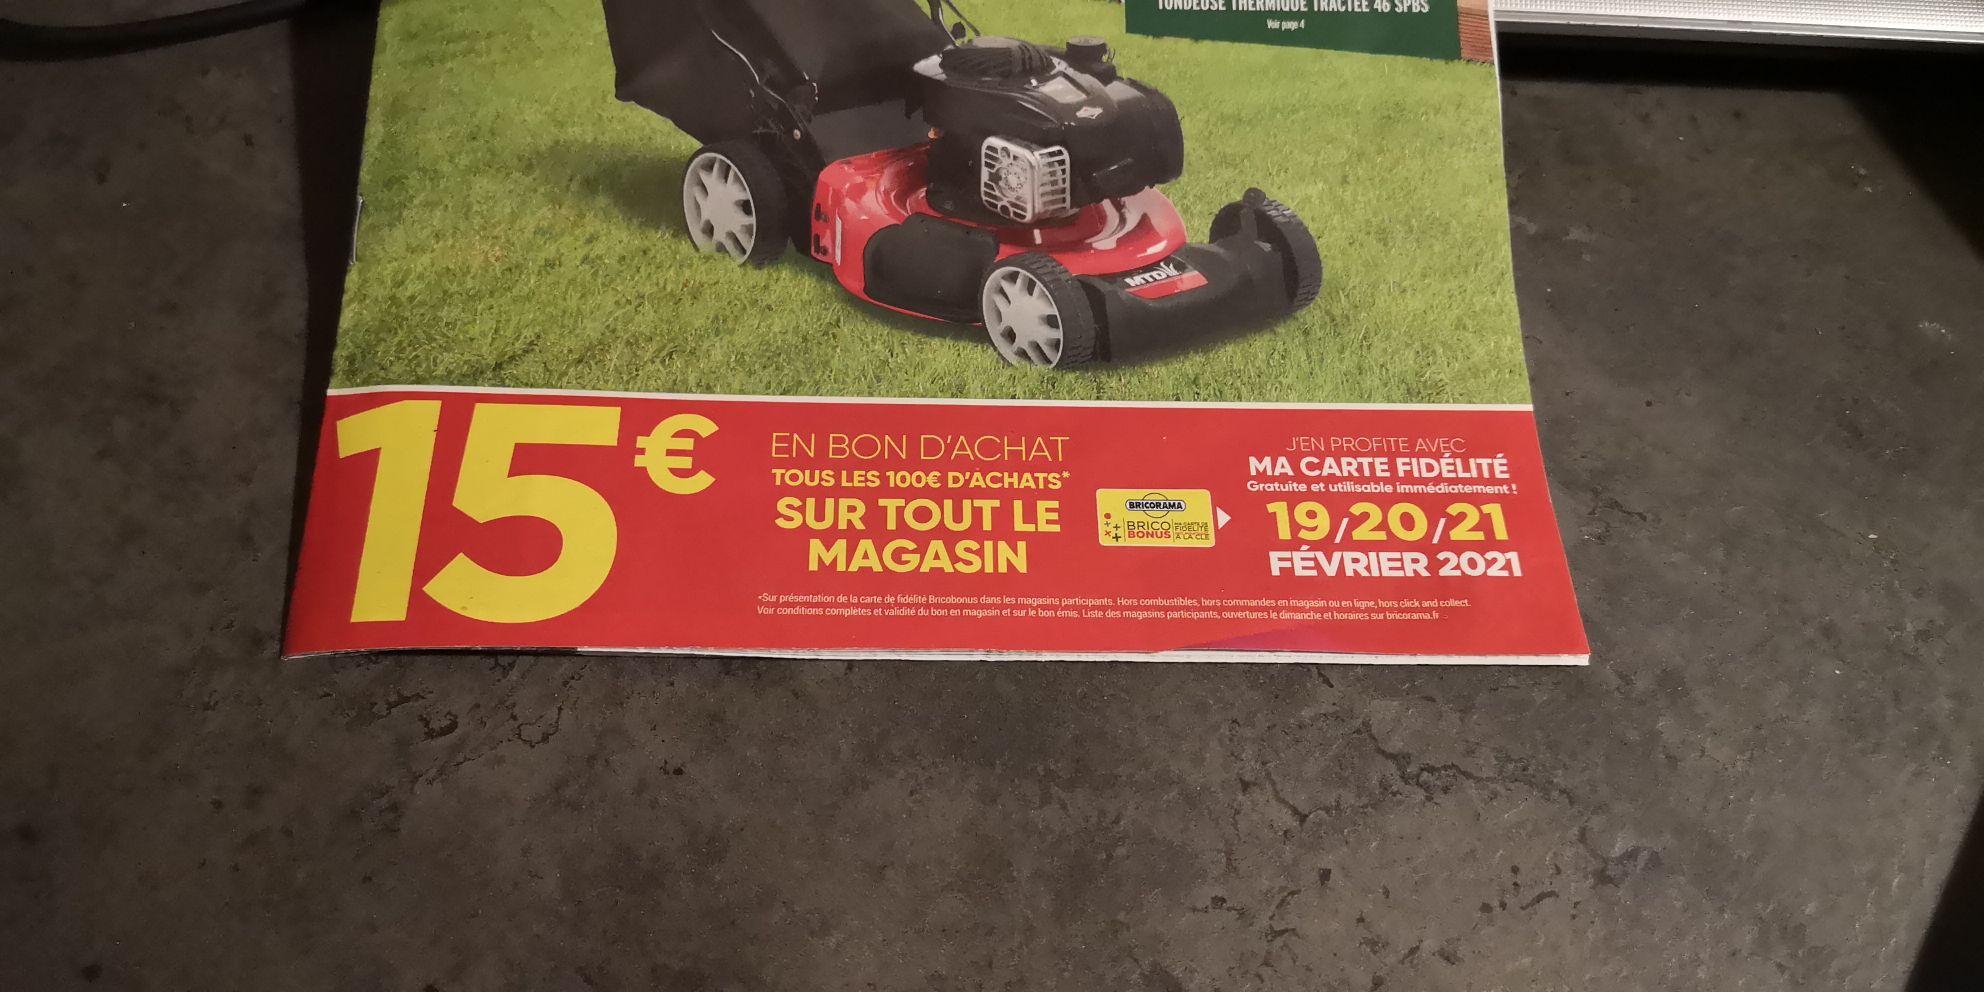 [Carte Fidélité] 15€ offerts en bon d'achat tous les 100€ d'achats